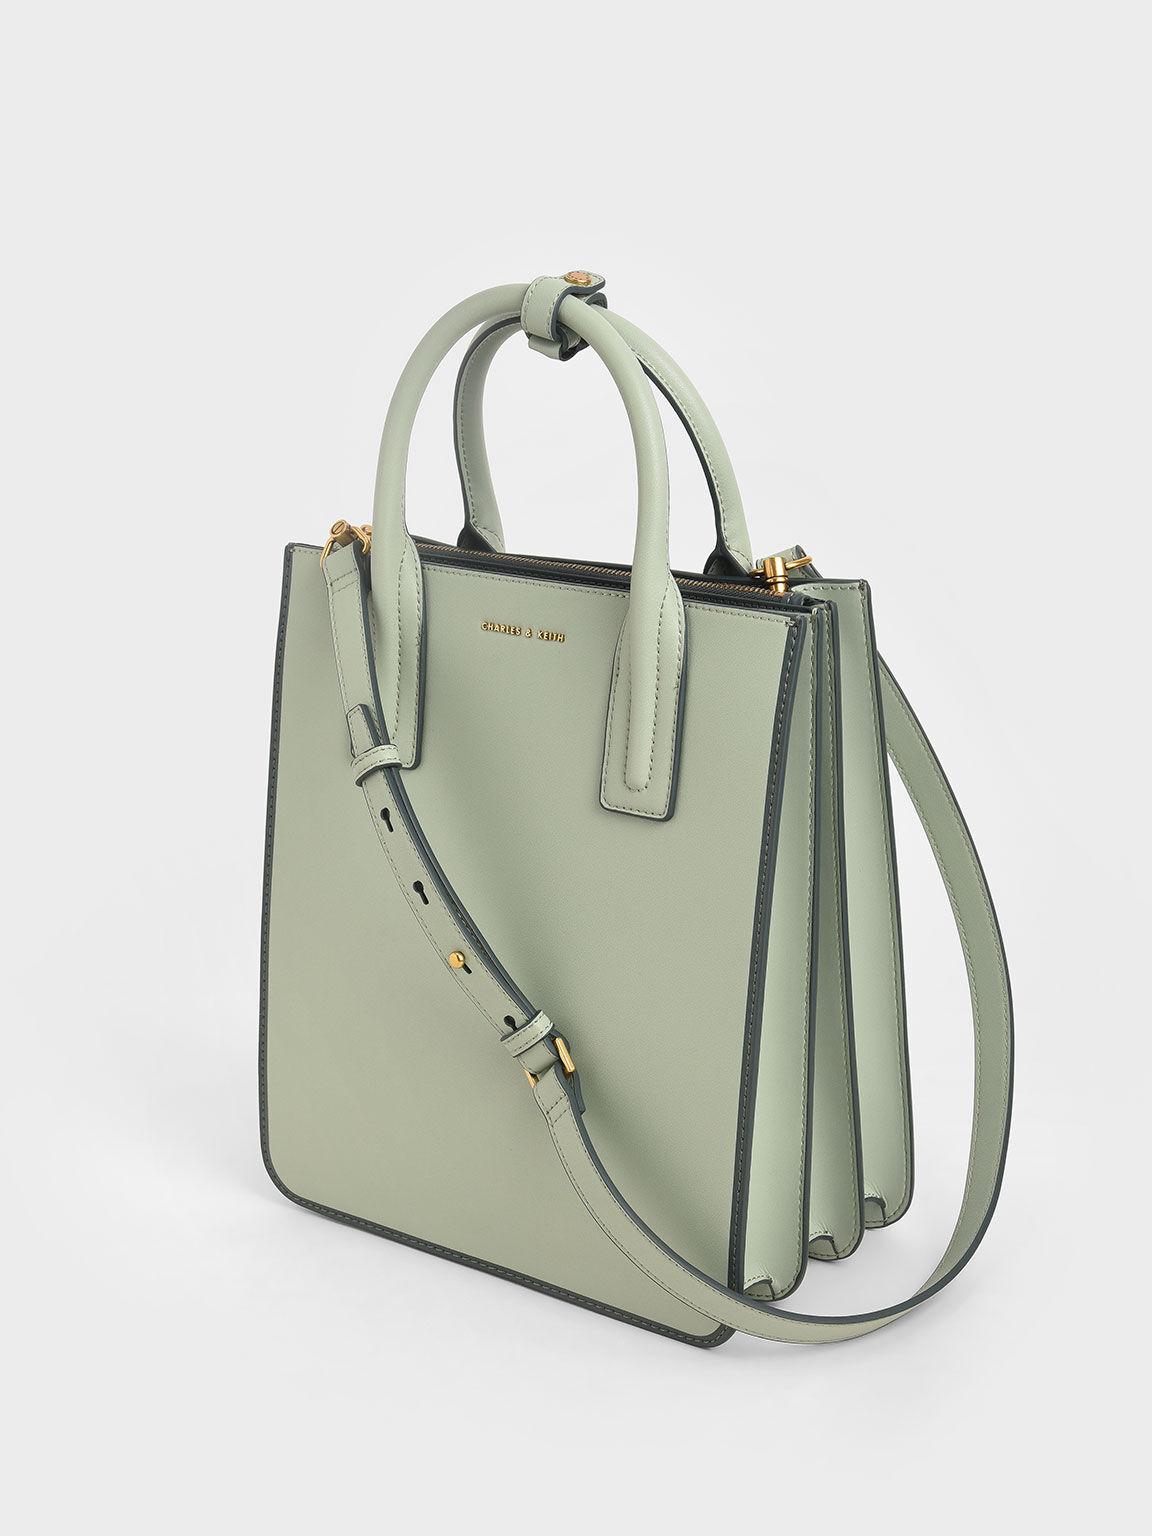 Double Handle Tote Bag, Mint Green, hi-res